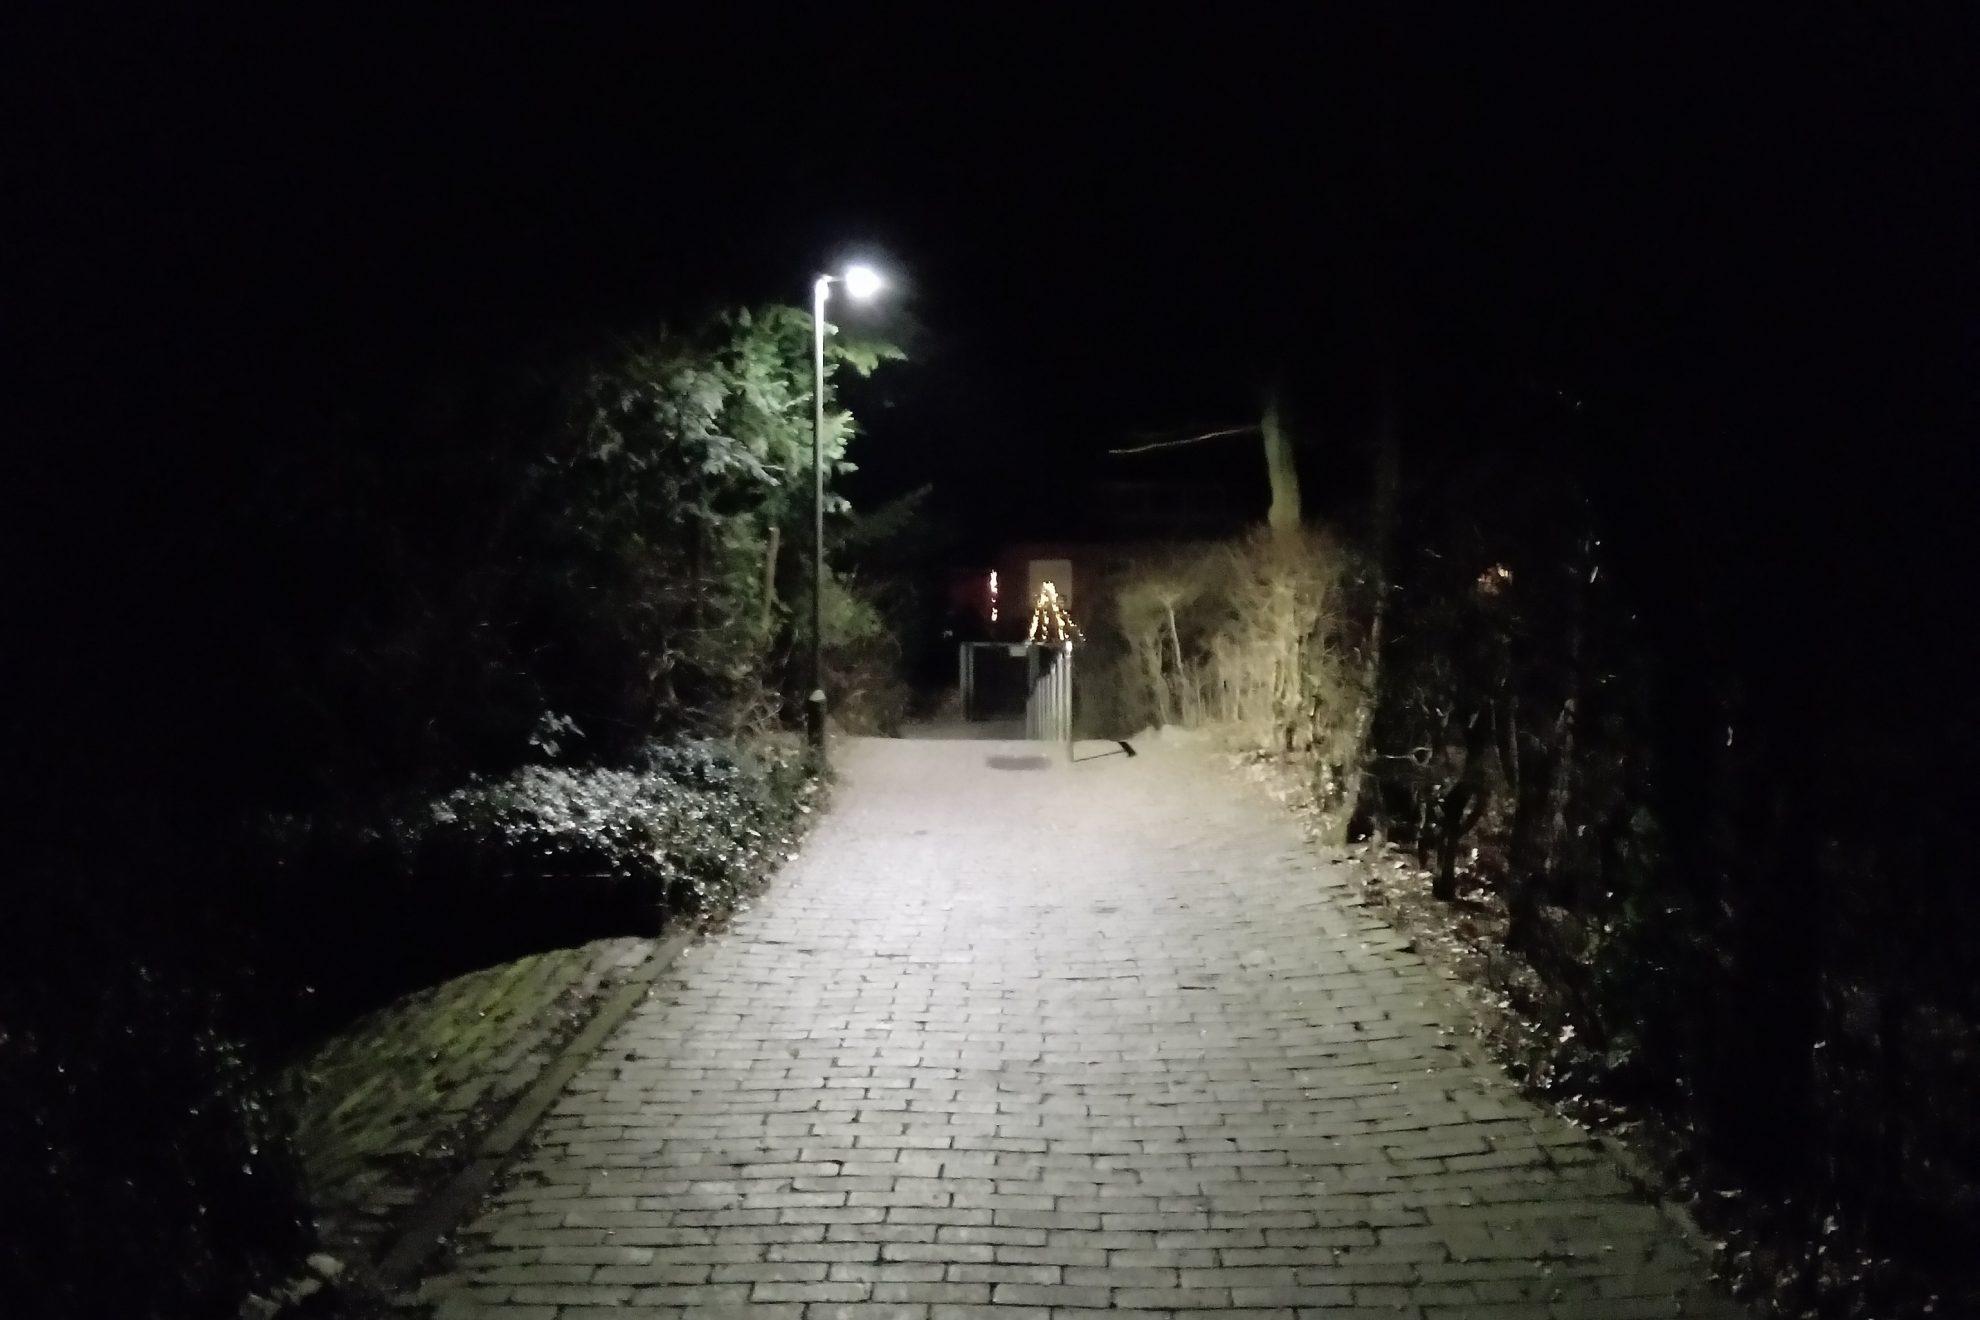 LED Beleuchtung am Fußweg bei der Johanniskirche, Stade